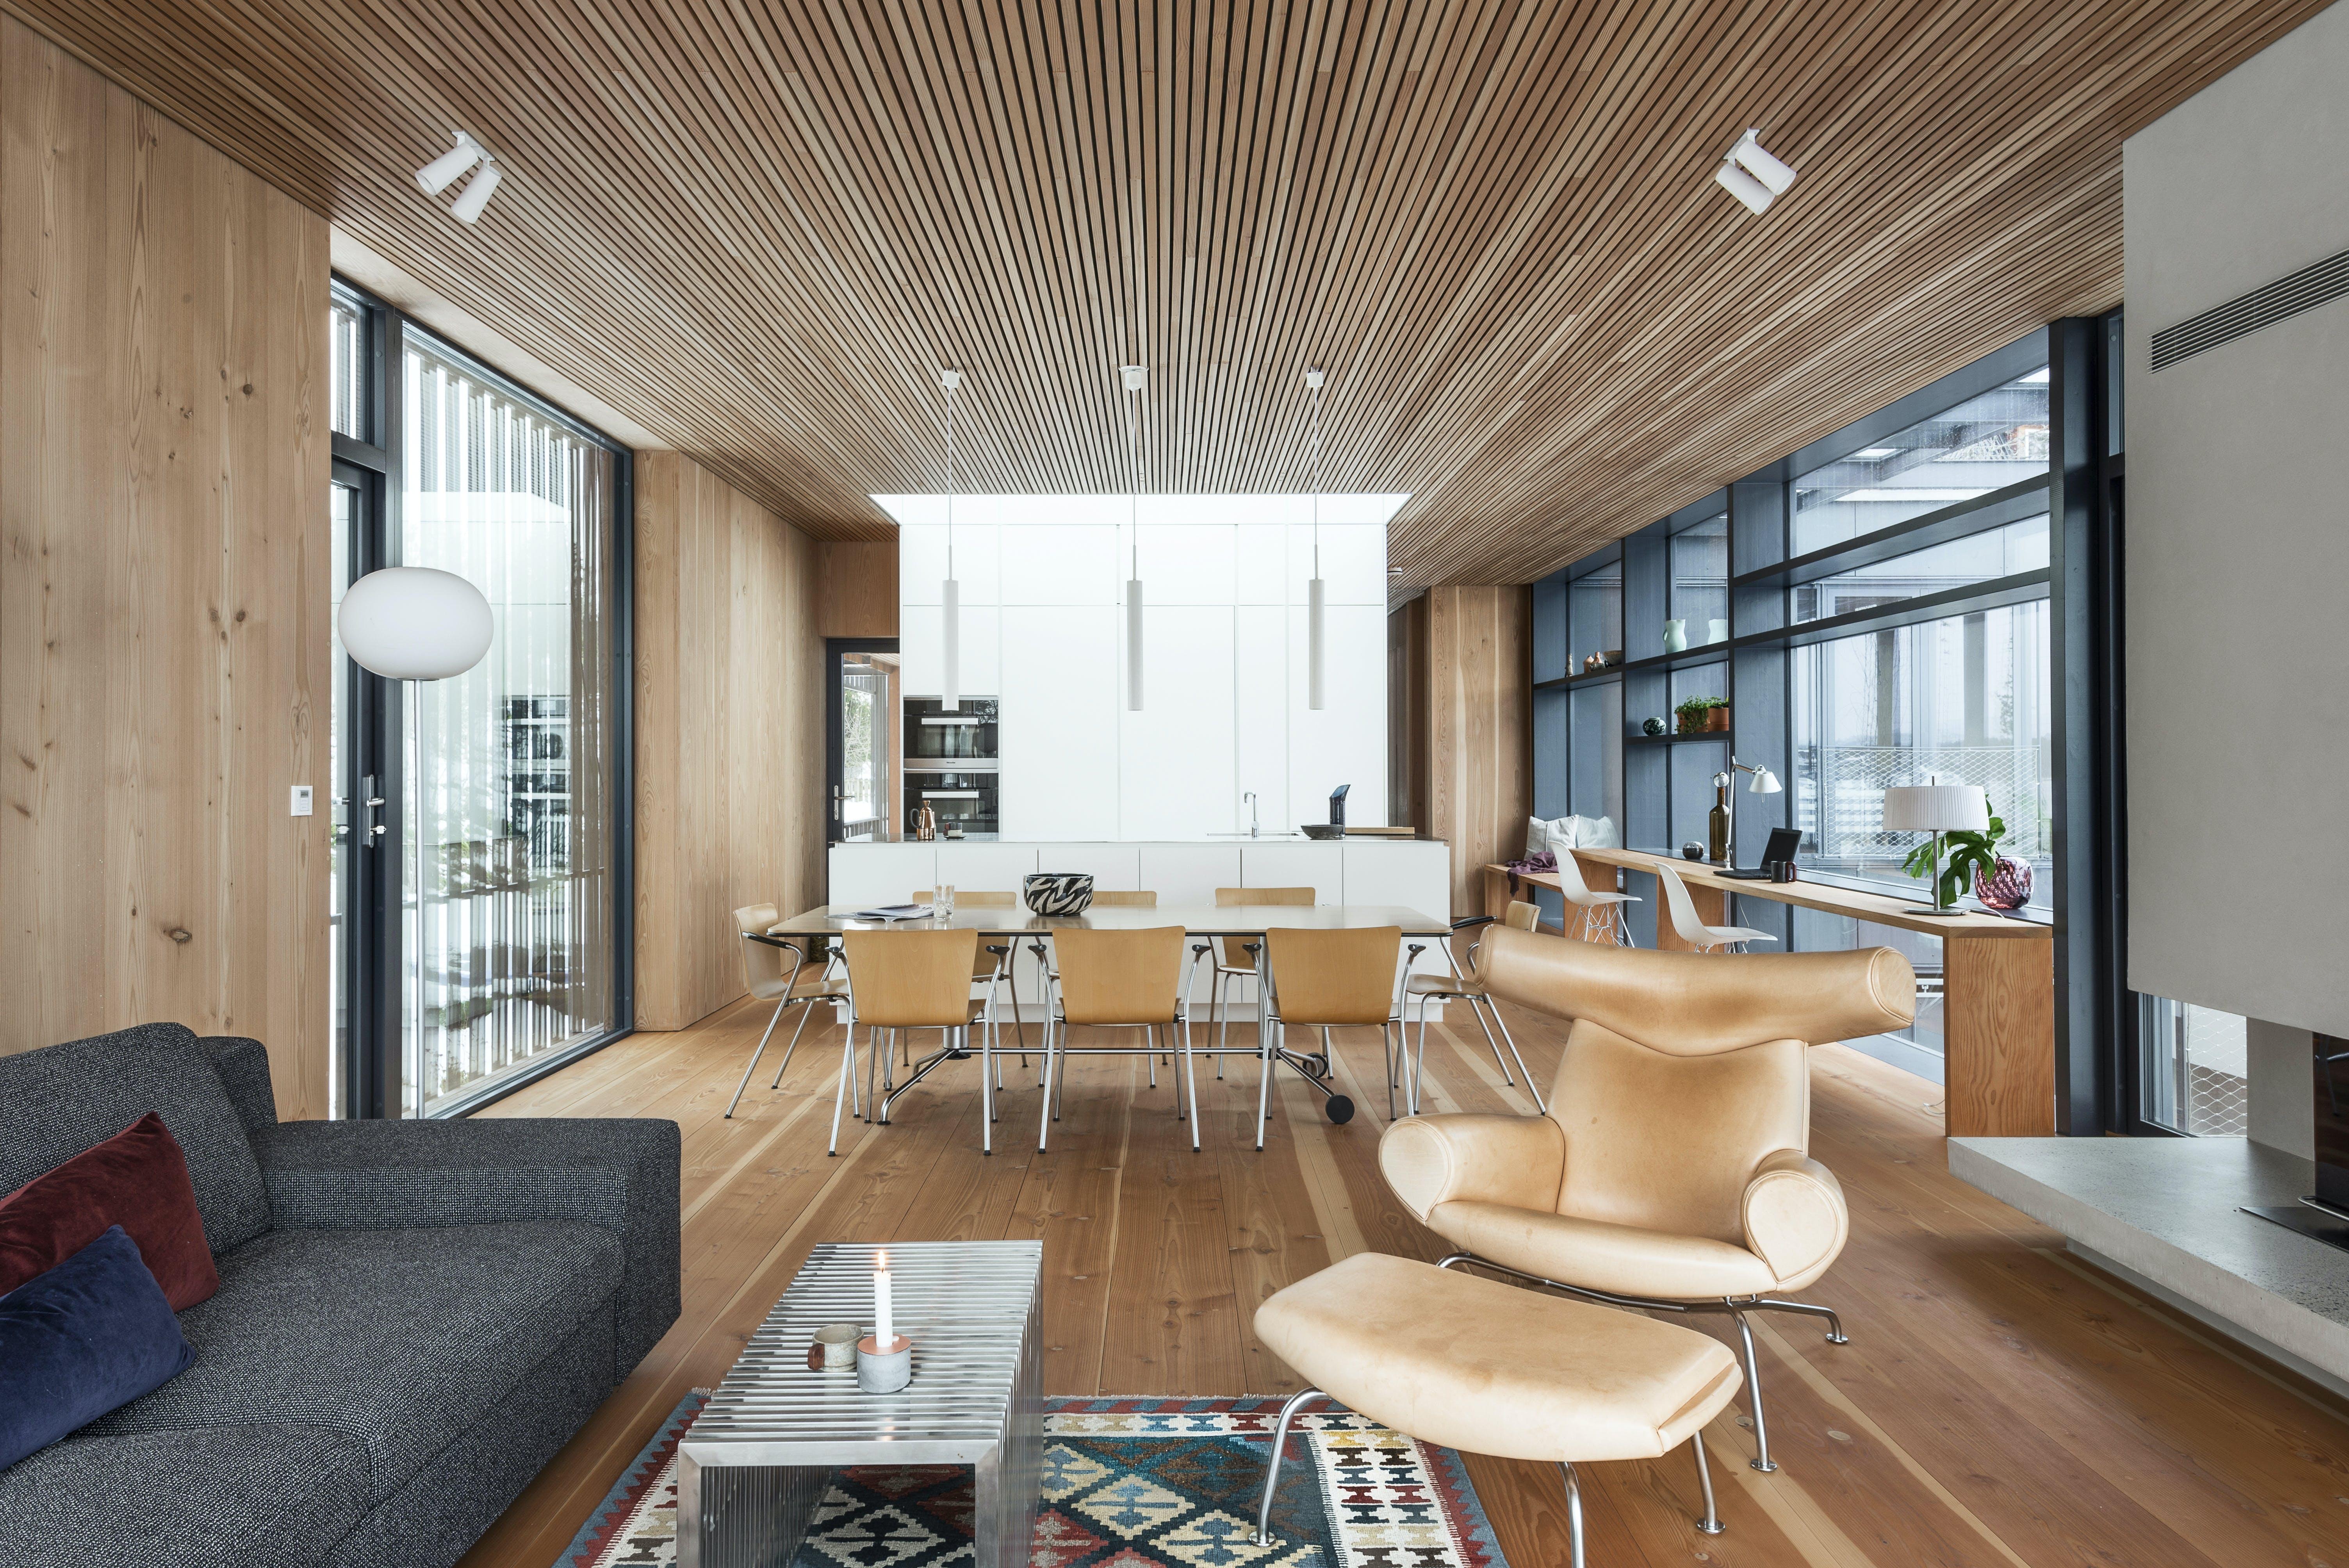 stue køkken spisebord spisestole træ indretning